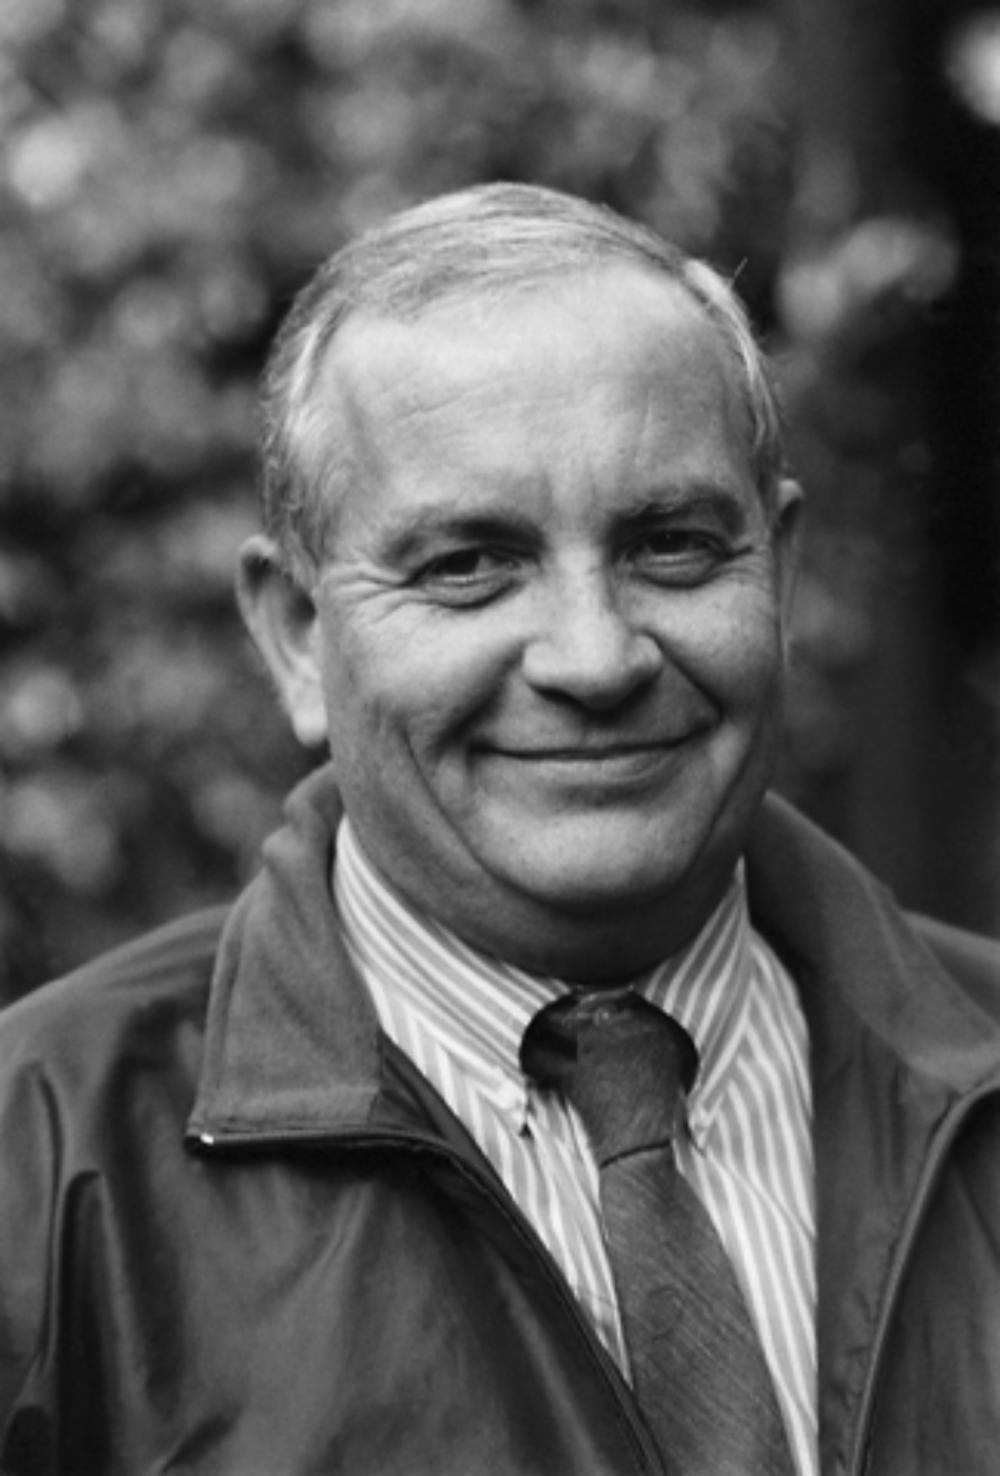 Bruce Corbet - Owner